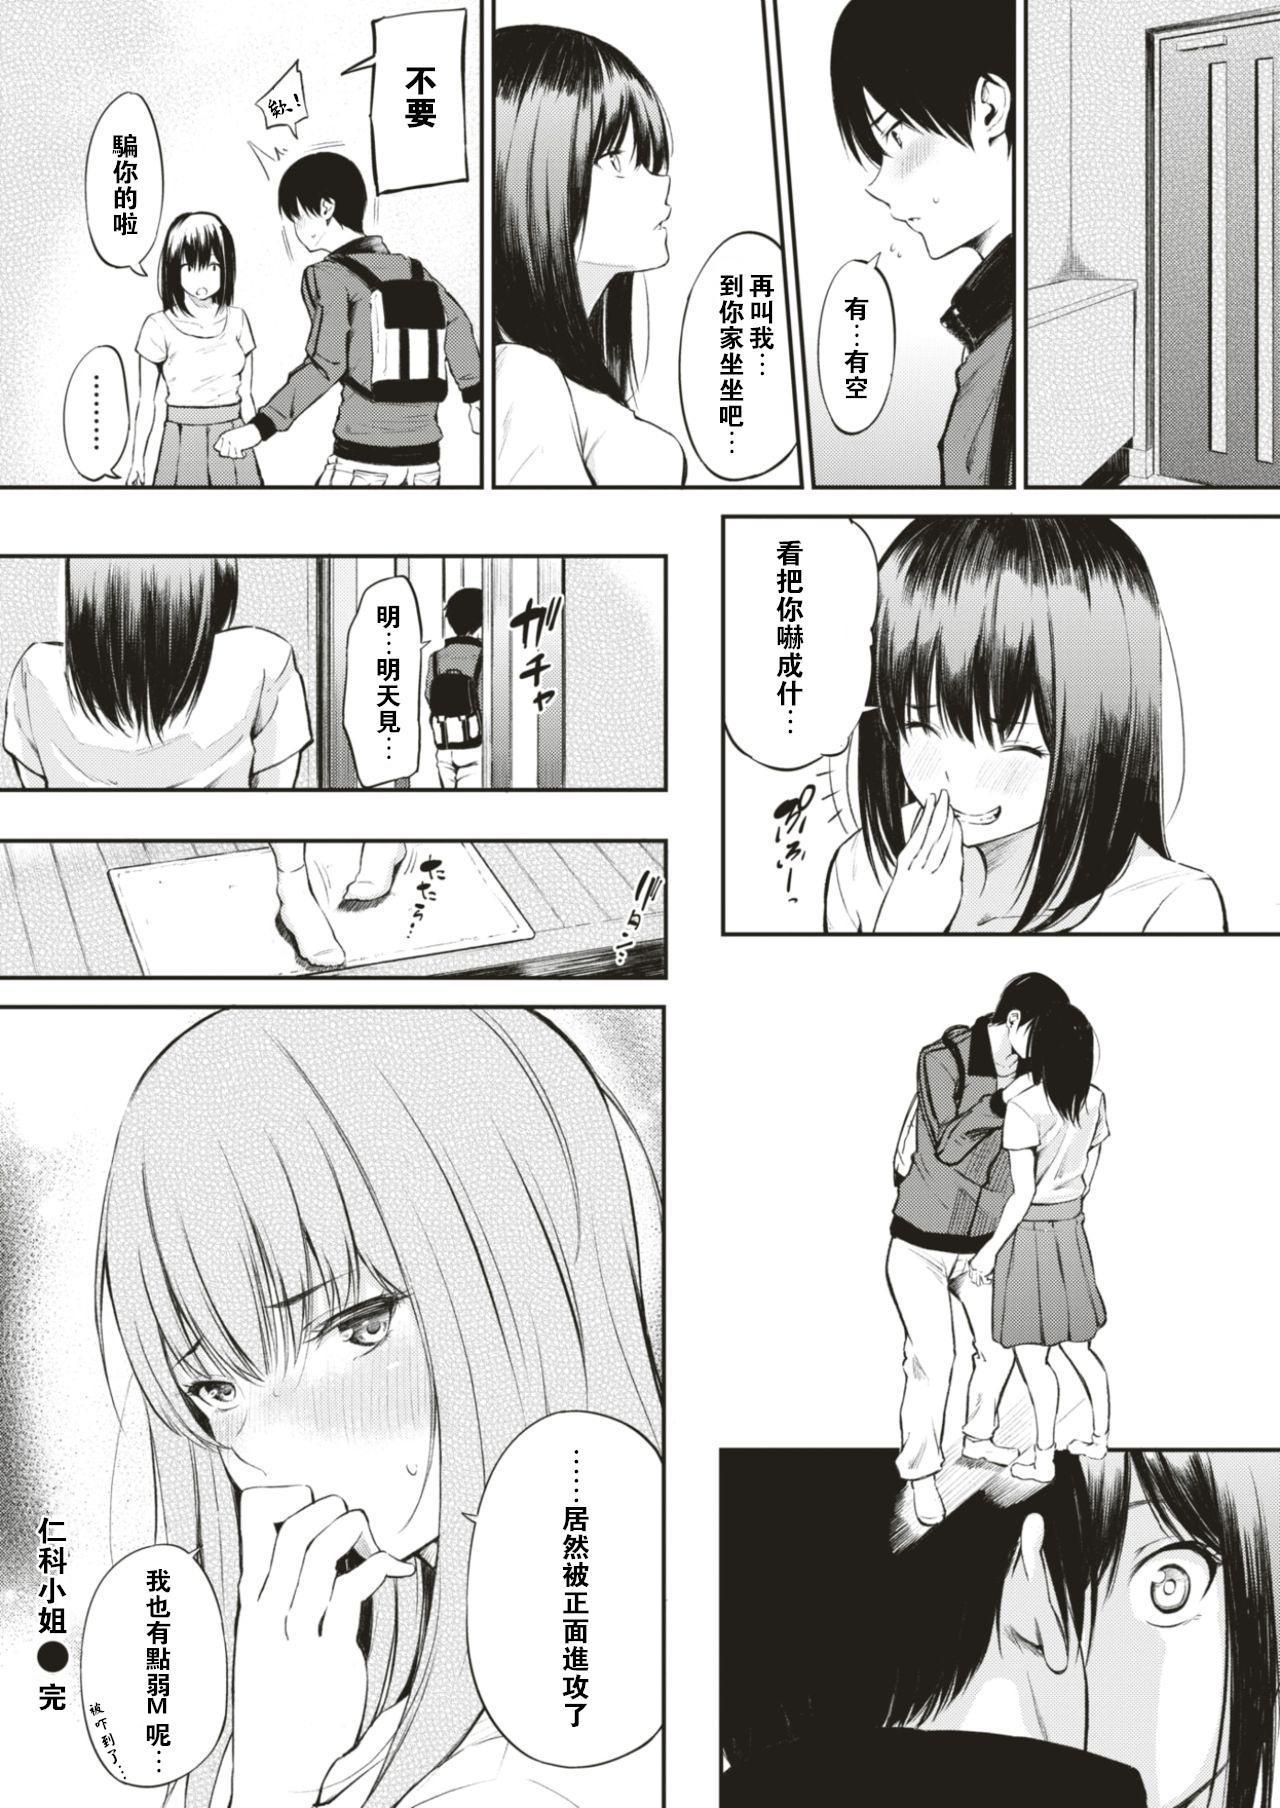 Nishina-san 20